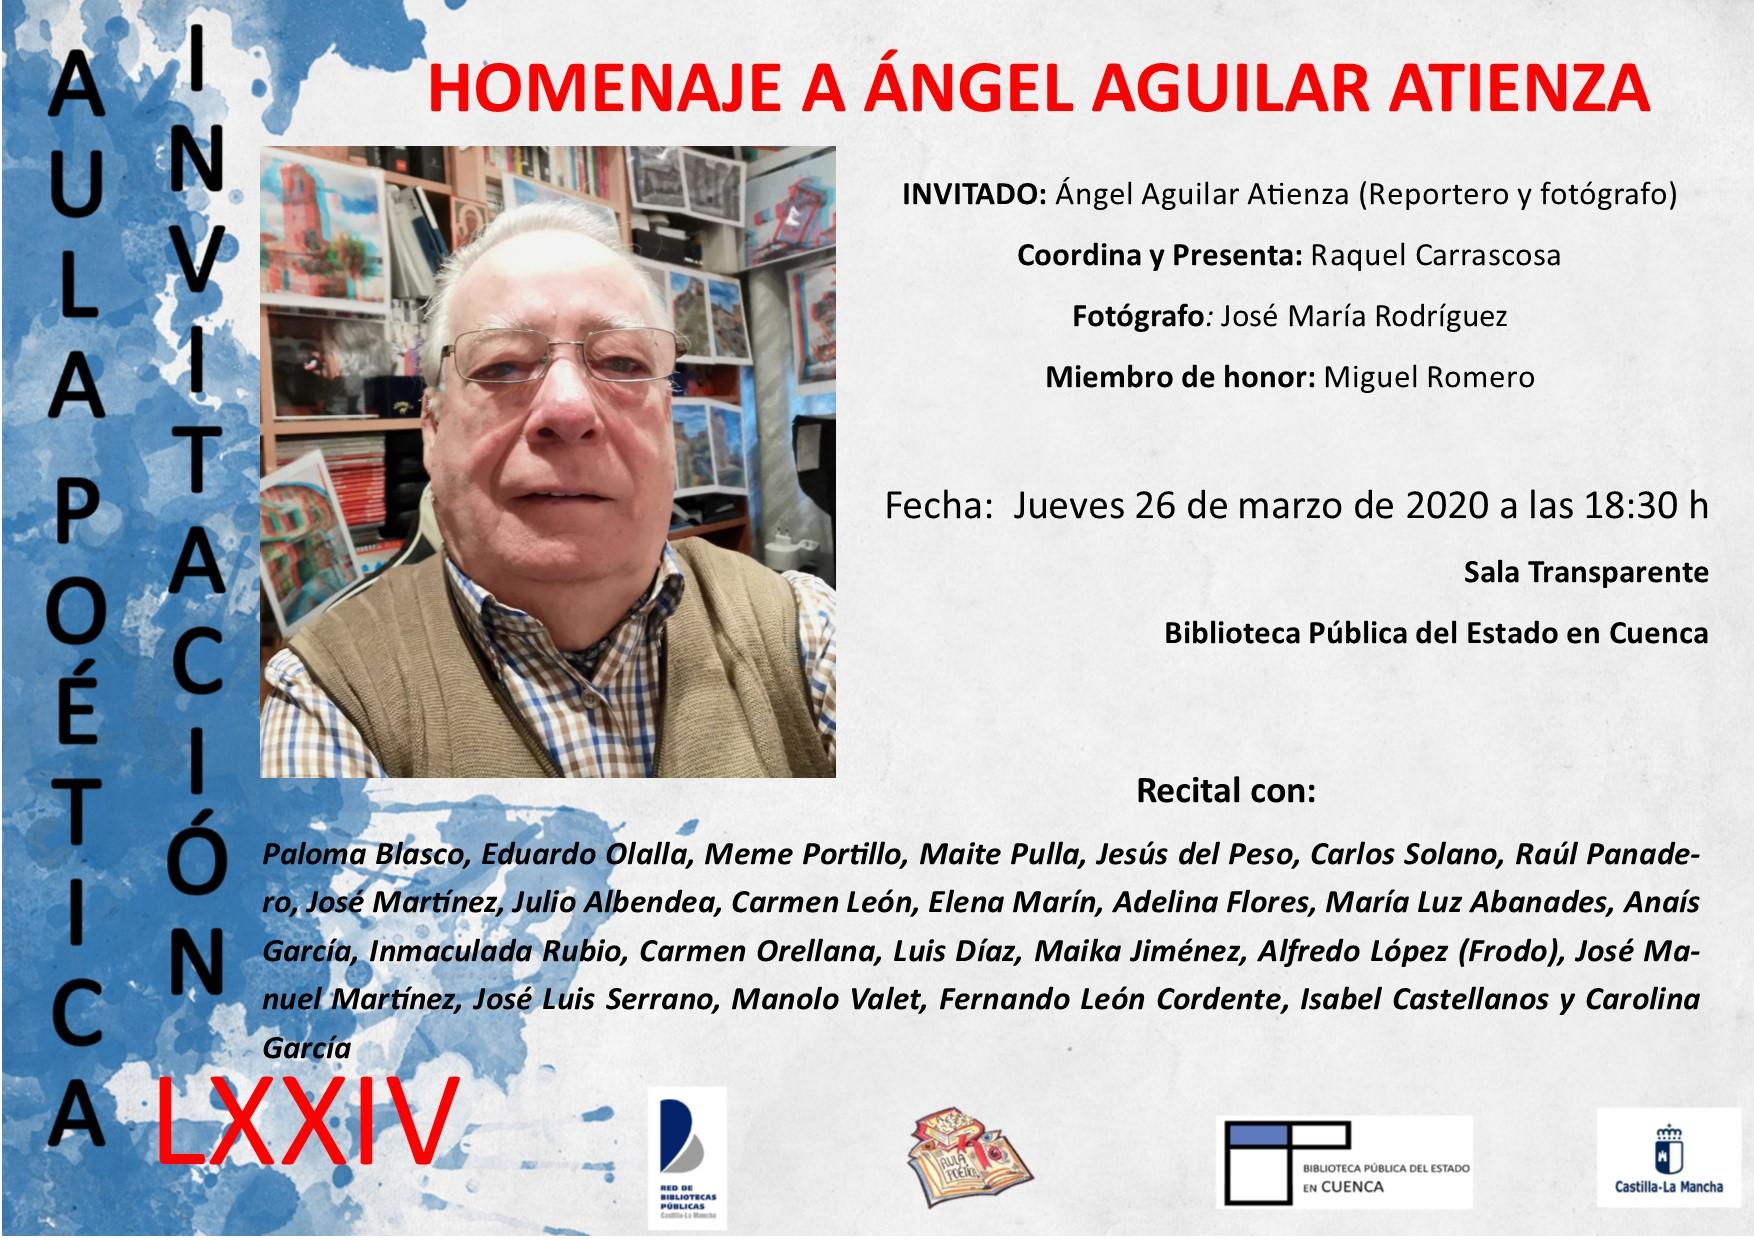 Imagen de la actividad Homenaje a Ángel Aguilar Atienza